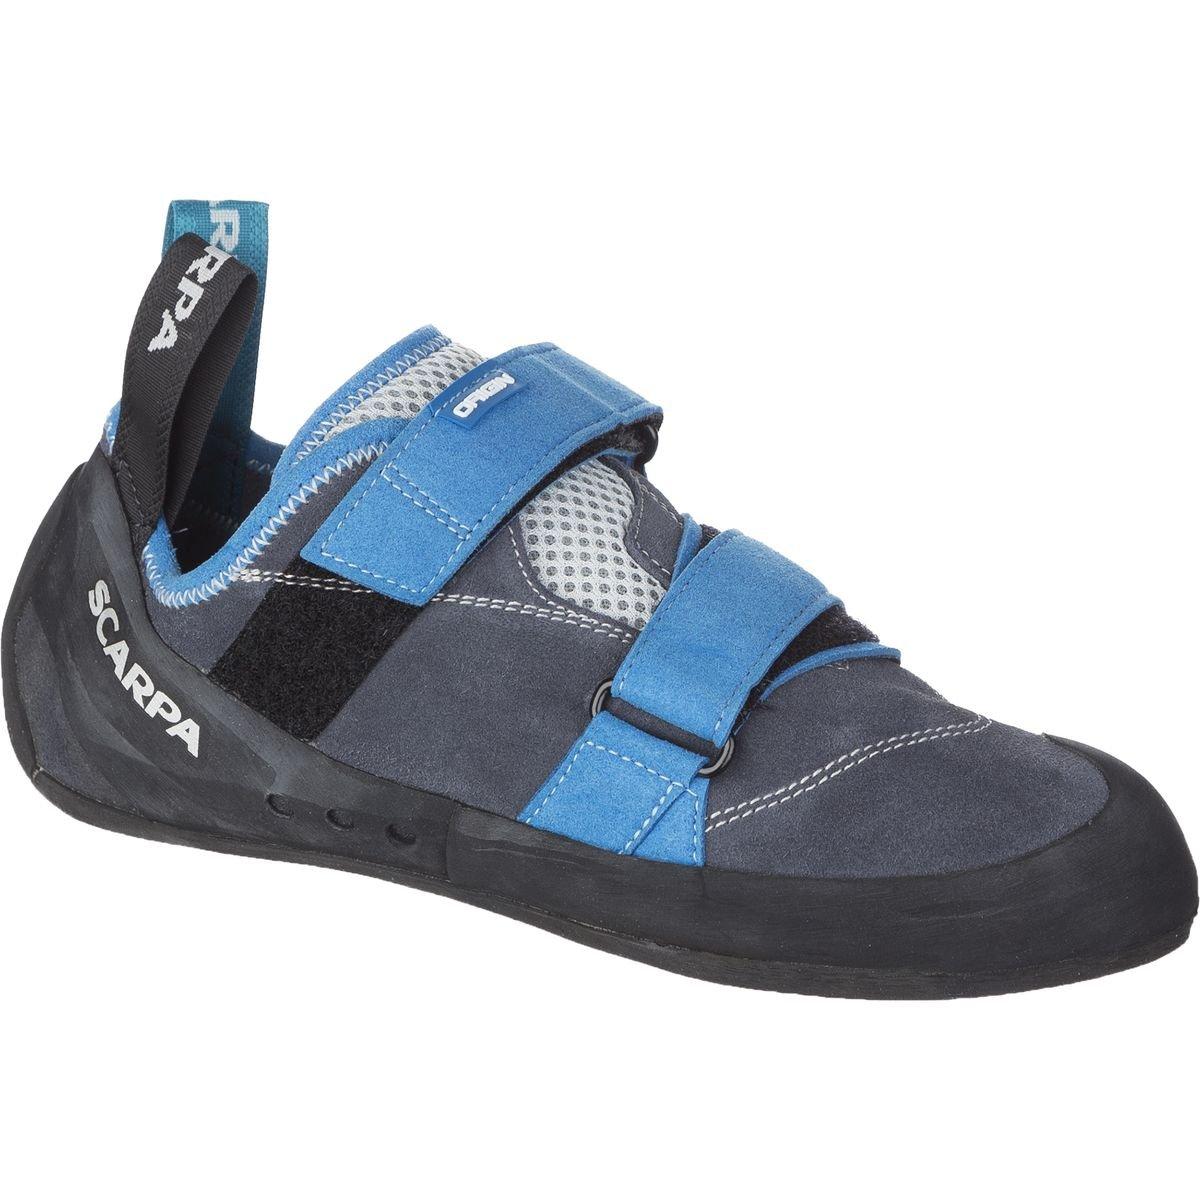 SCARPA Origin Climbing Shoe-U ORIGIN Climbing Shoe-U